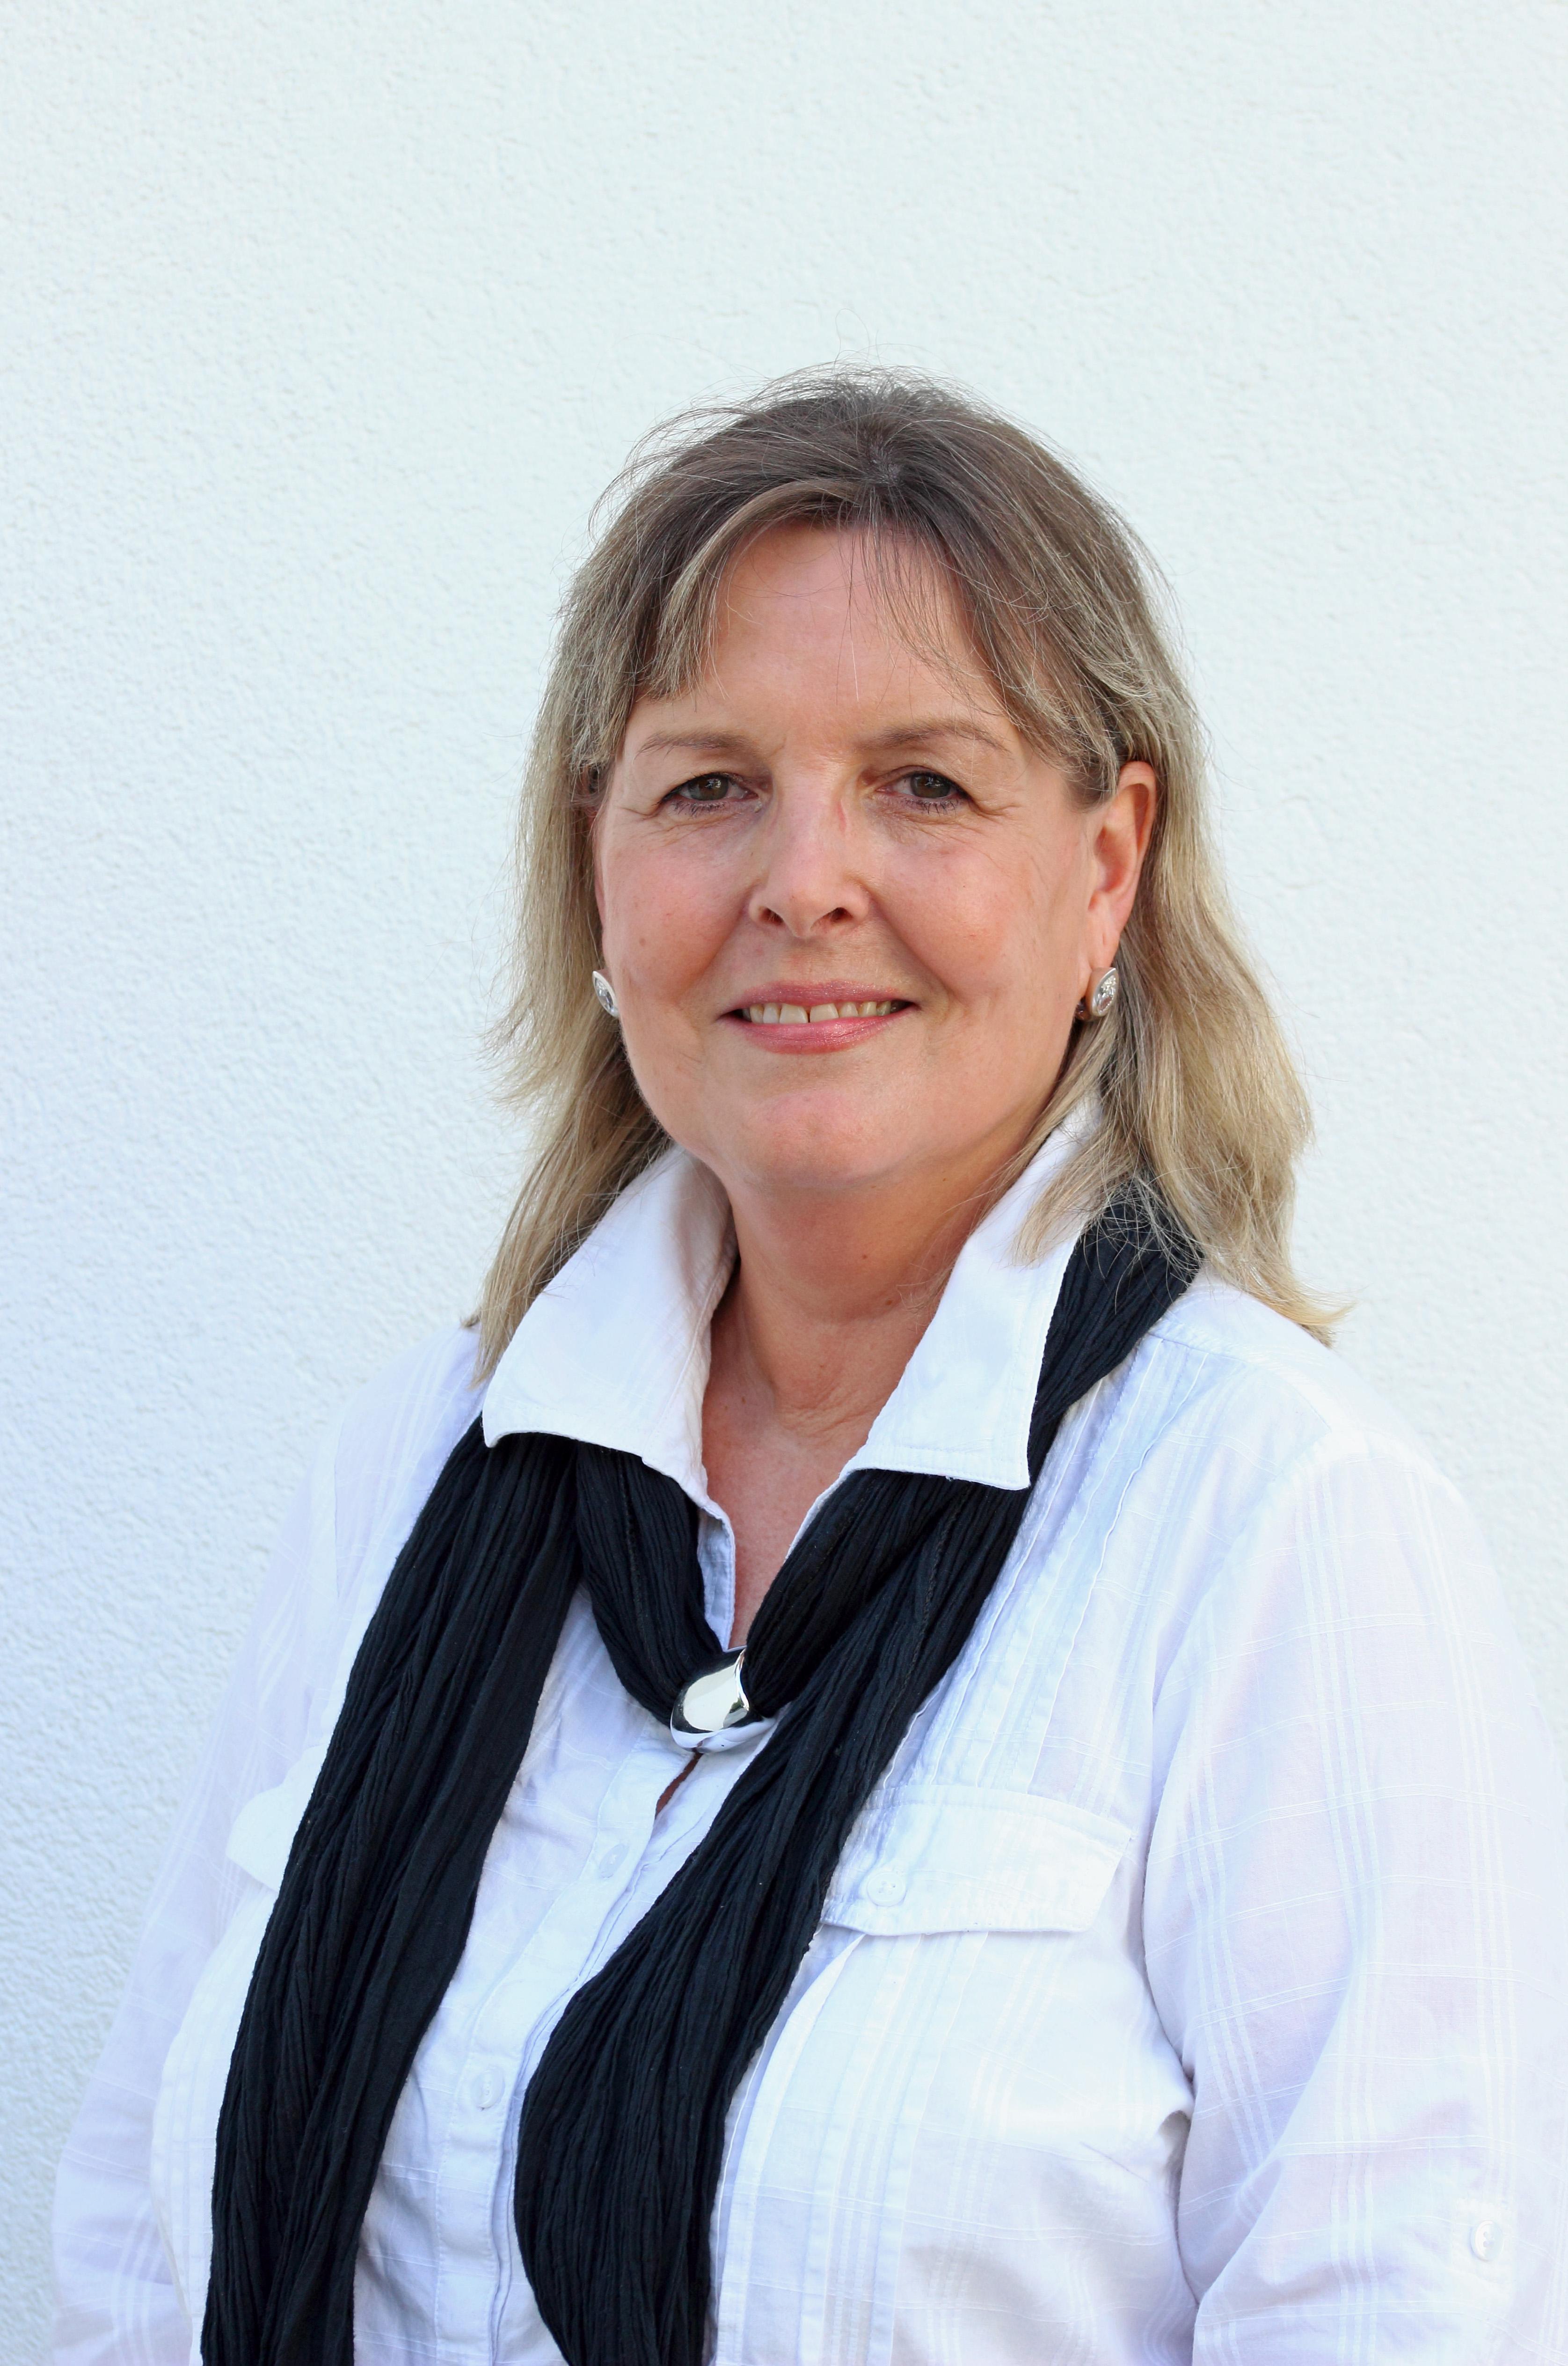 Petra Kempf-Hoff